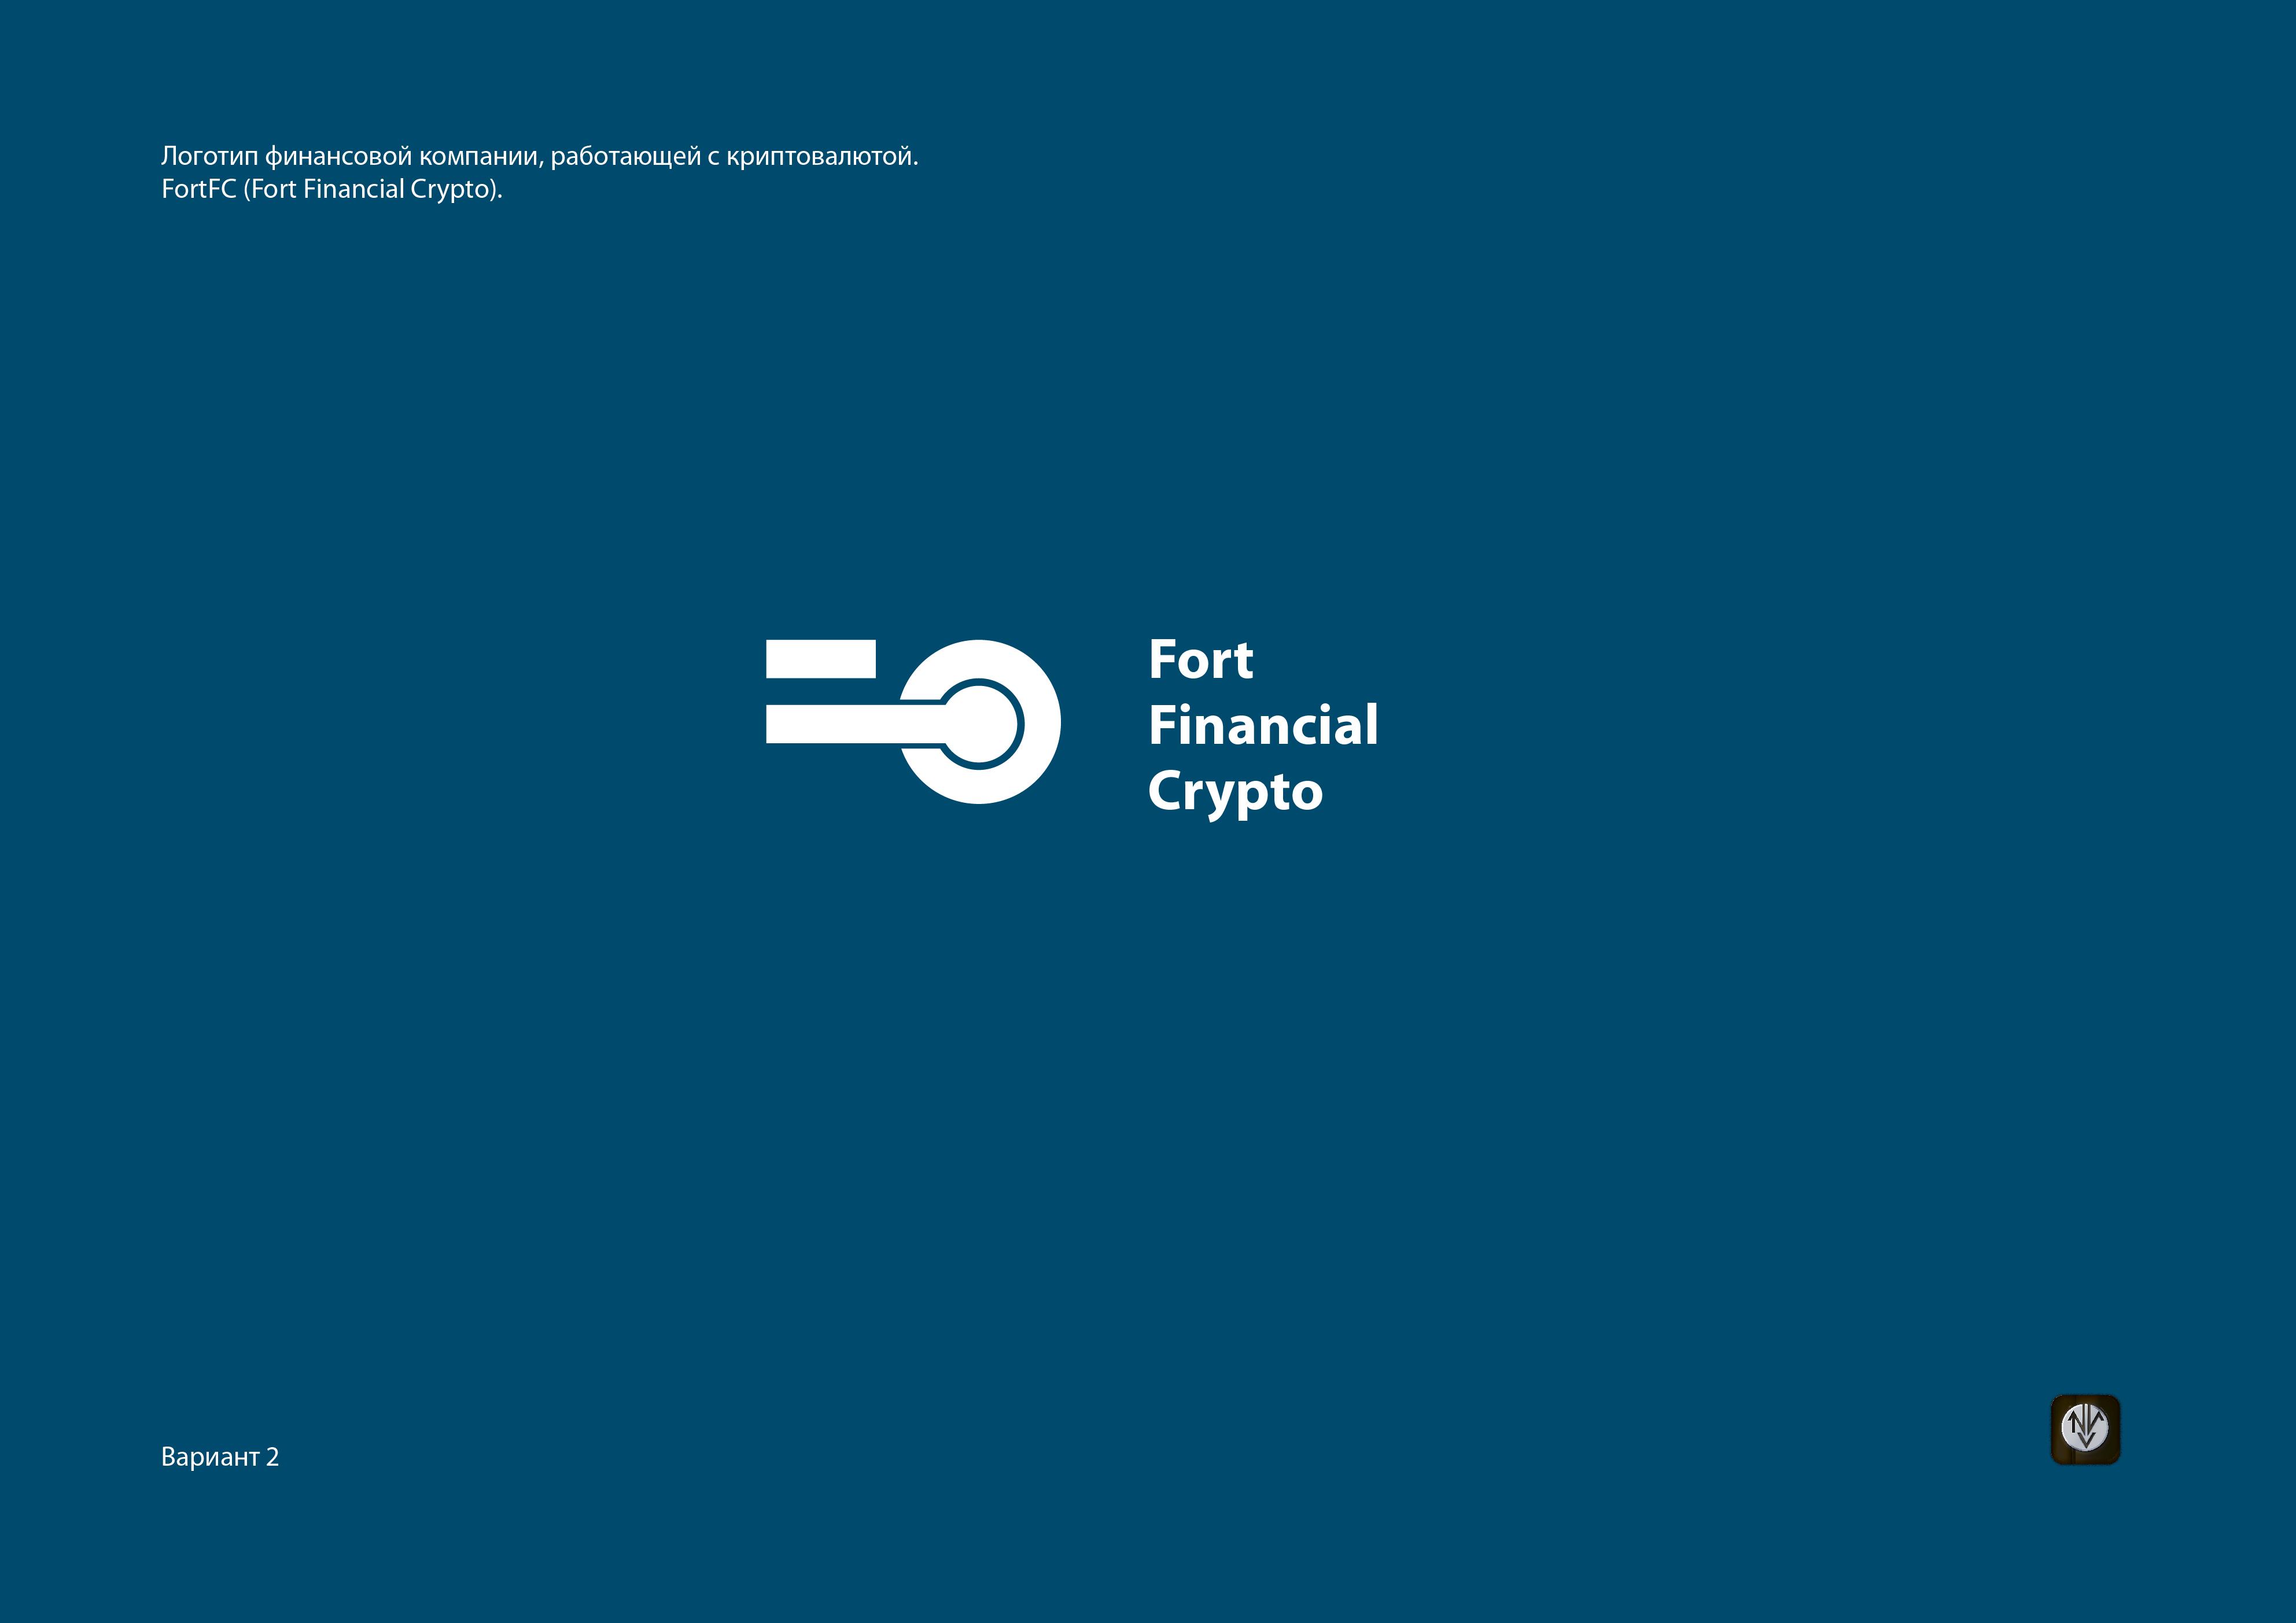 Разработка логотипа финансовой компании фото f_9345a888cf902bfa.png